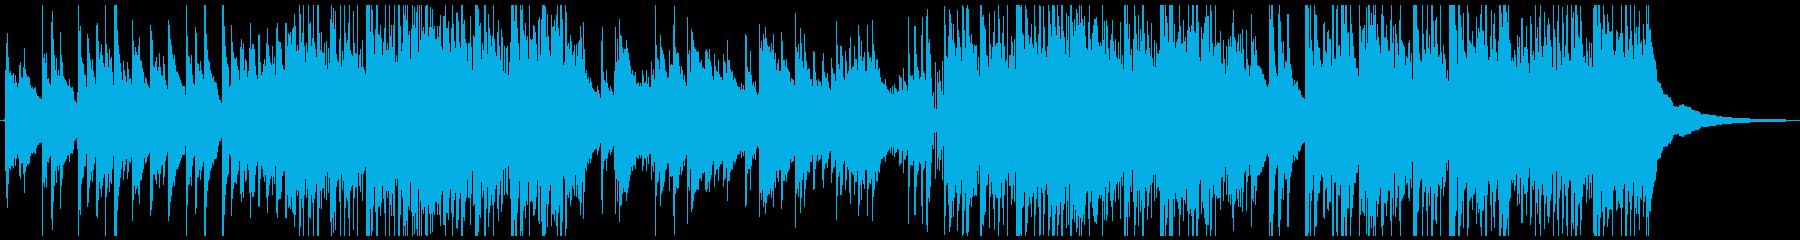 爽やかで軽快なBGM向きのアコギ曲の再生済みの波形